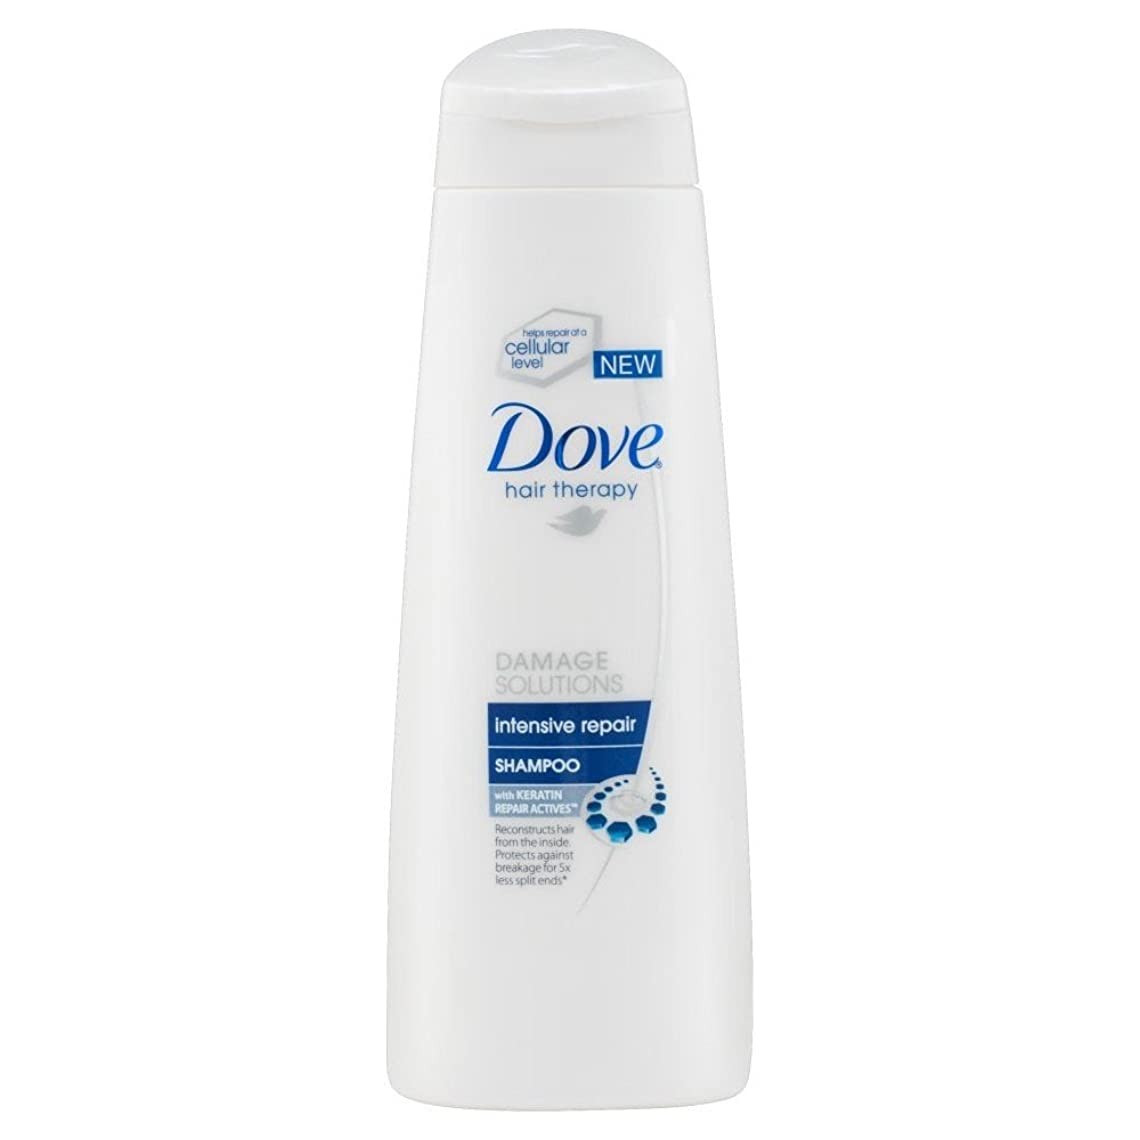 実現可能びっくりしたDove Hair Therapy Damage Solutions Intensive Repair Shampoo - Damaged Hair (250ml) 鳩髪療法ダメージソリューションの集中補修シャンプー - 傷んだ髪( 250ミリリットル) [並行輸入品]